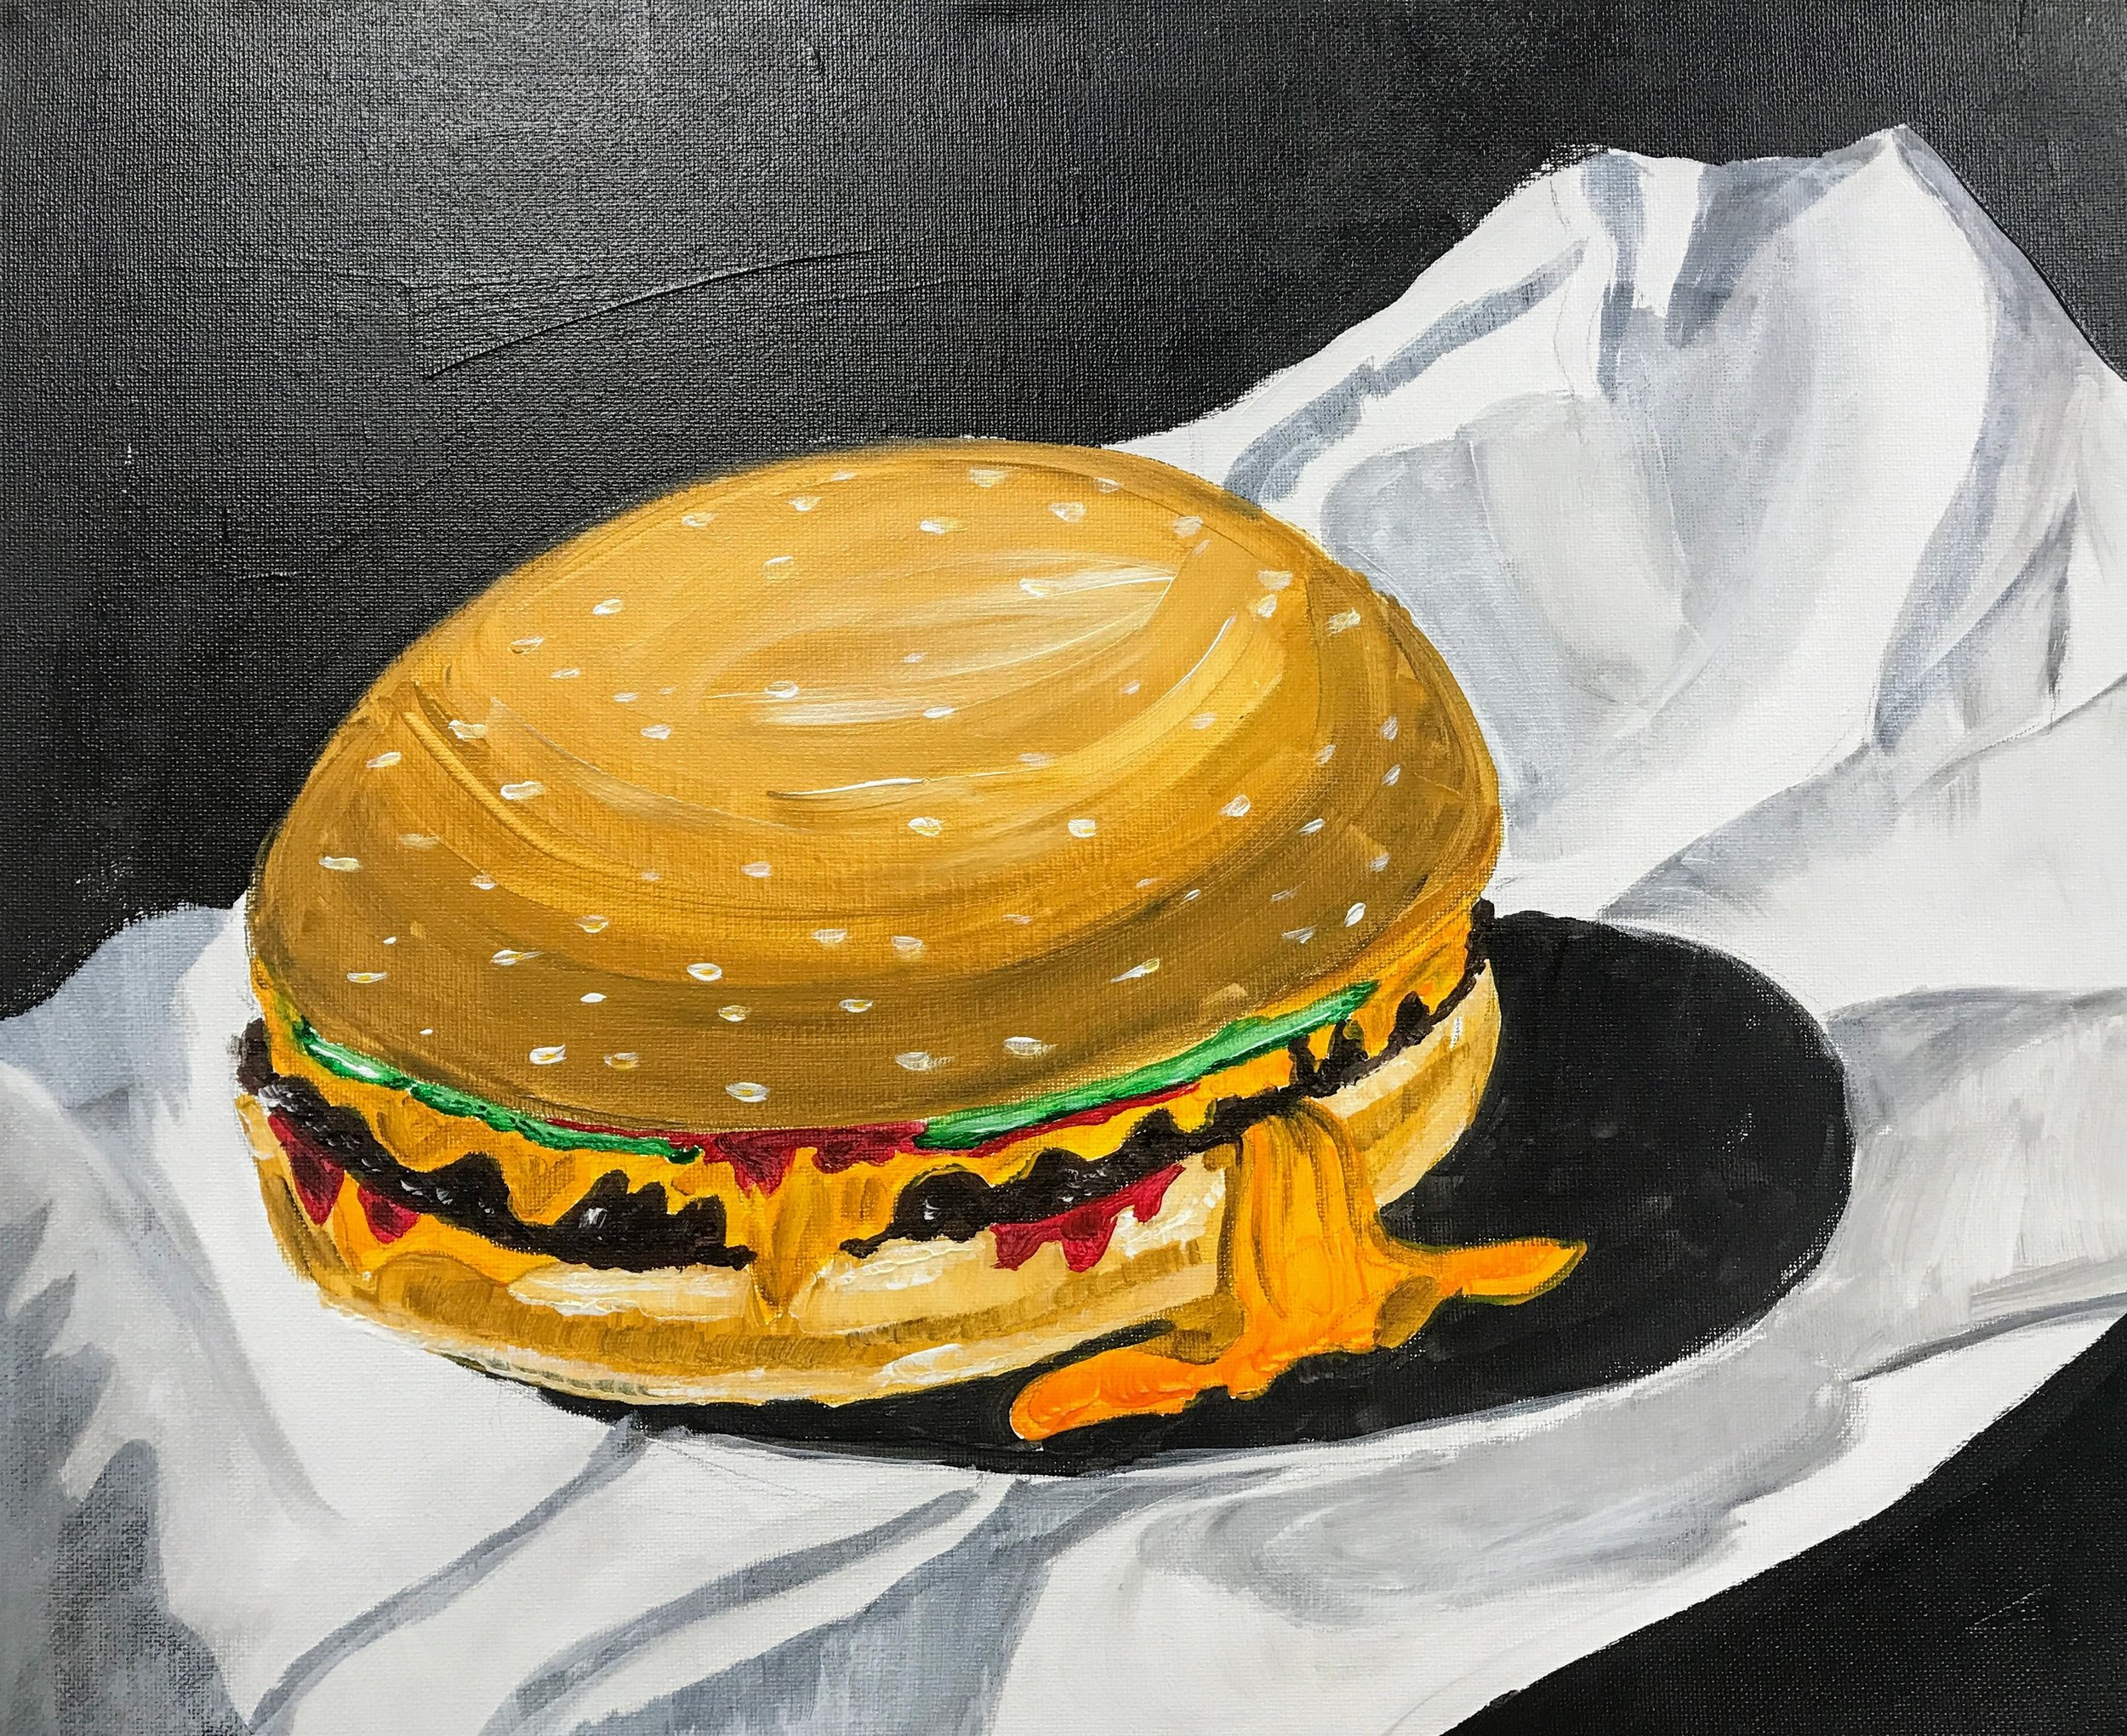 Melty Cheeseburger